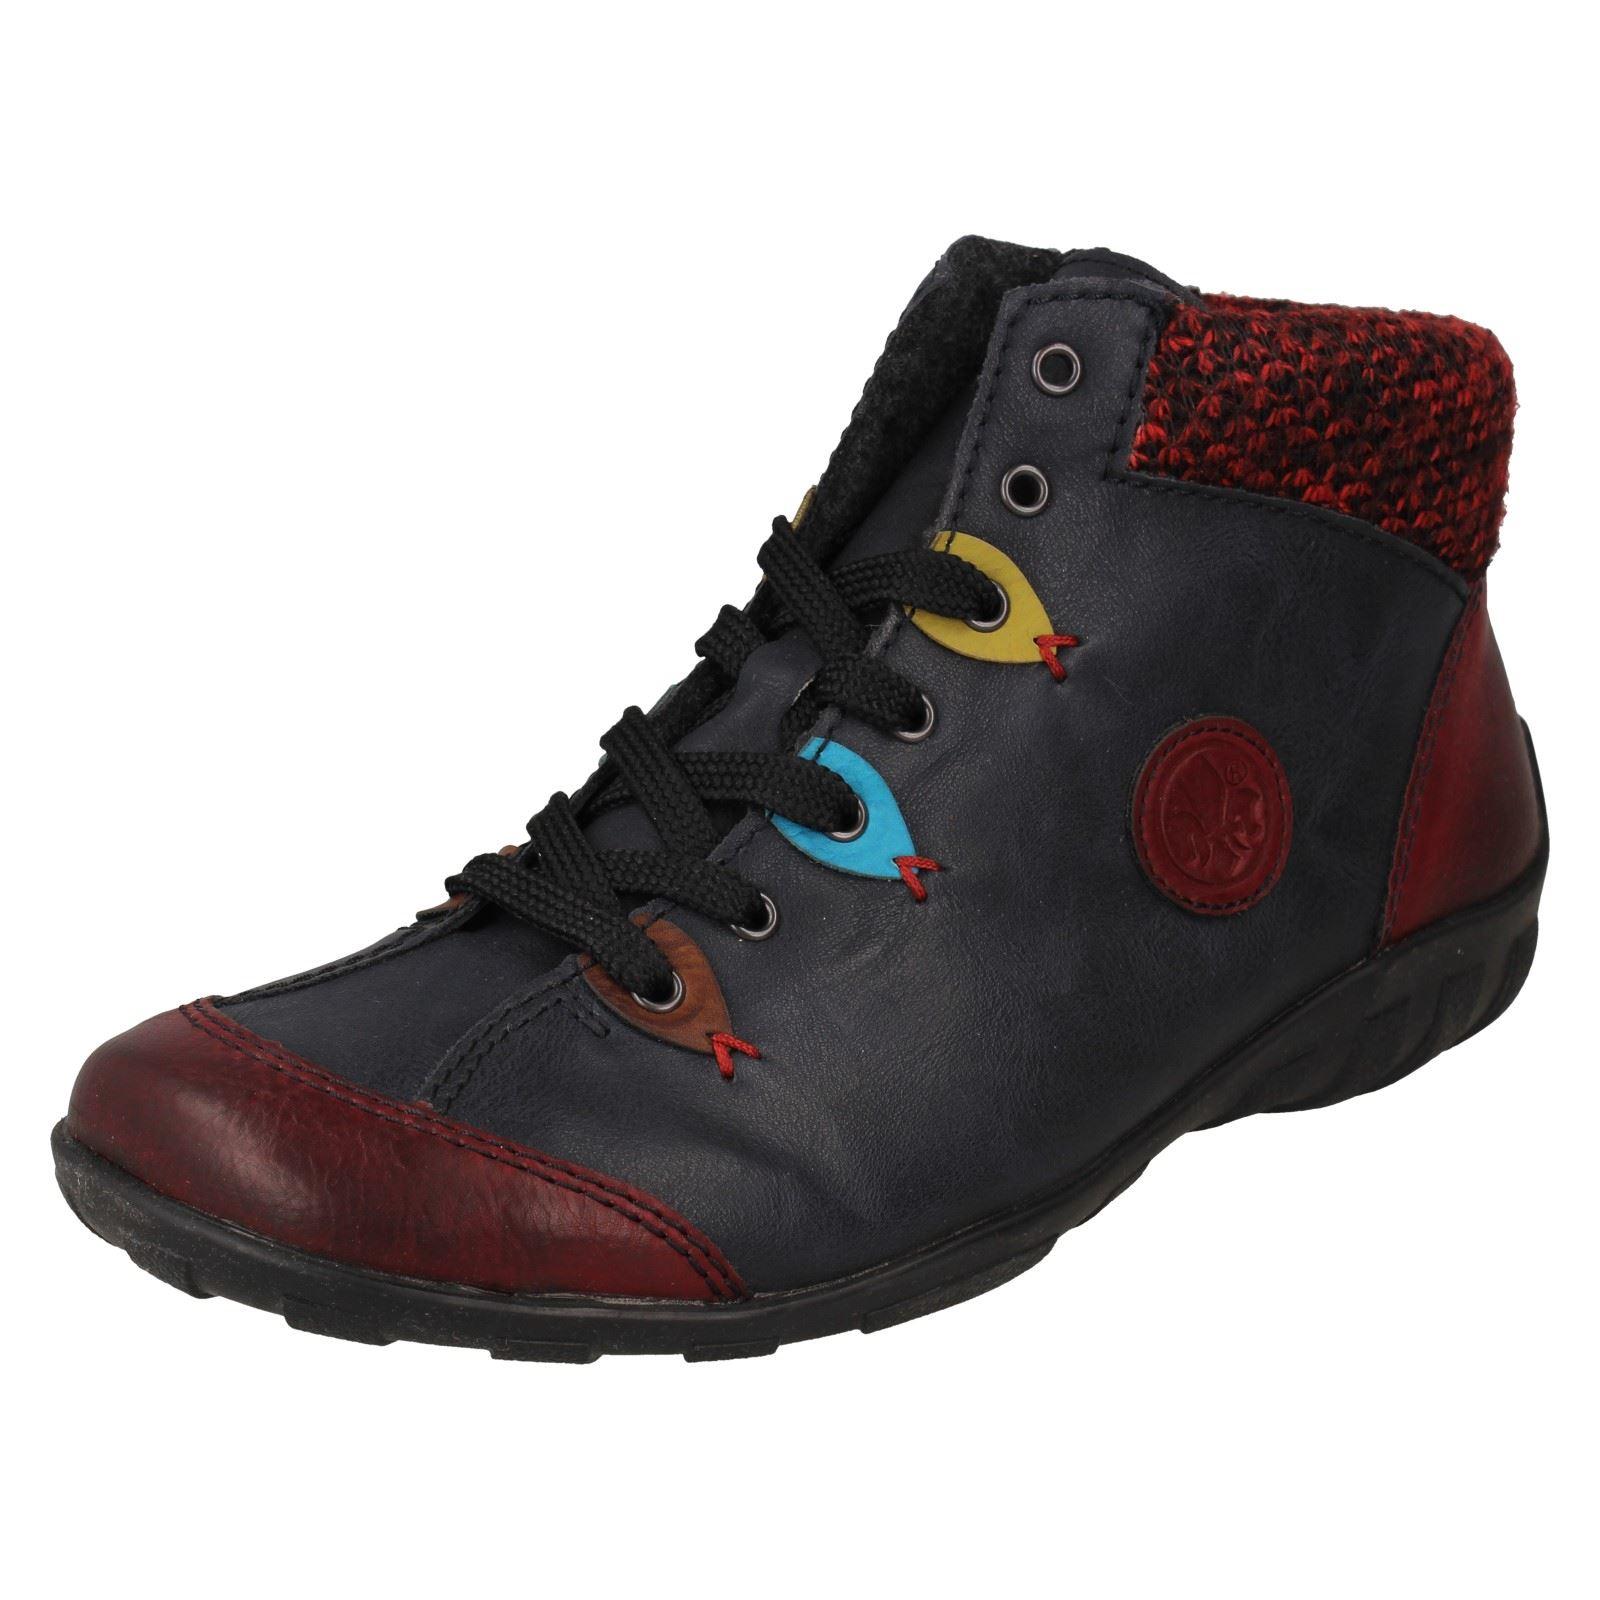 Rieker Eagle Damen Schuhe Schnürschuhe Antistress High Top Sneaker Boots L6513